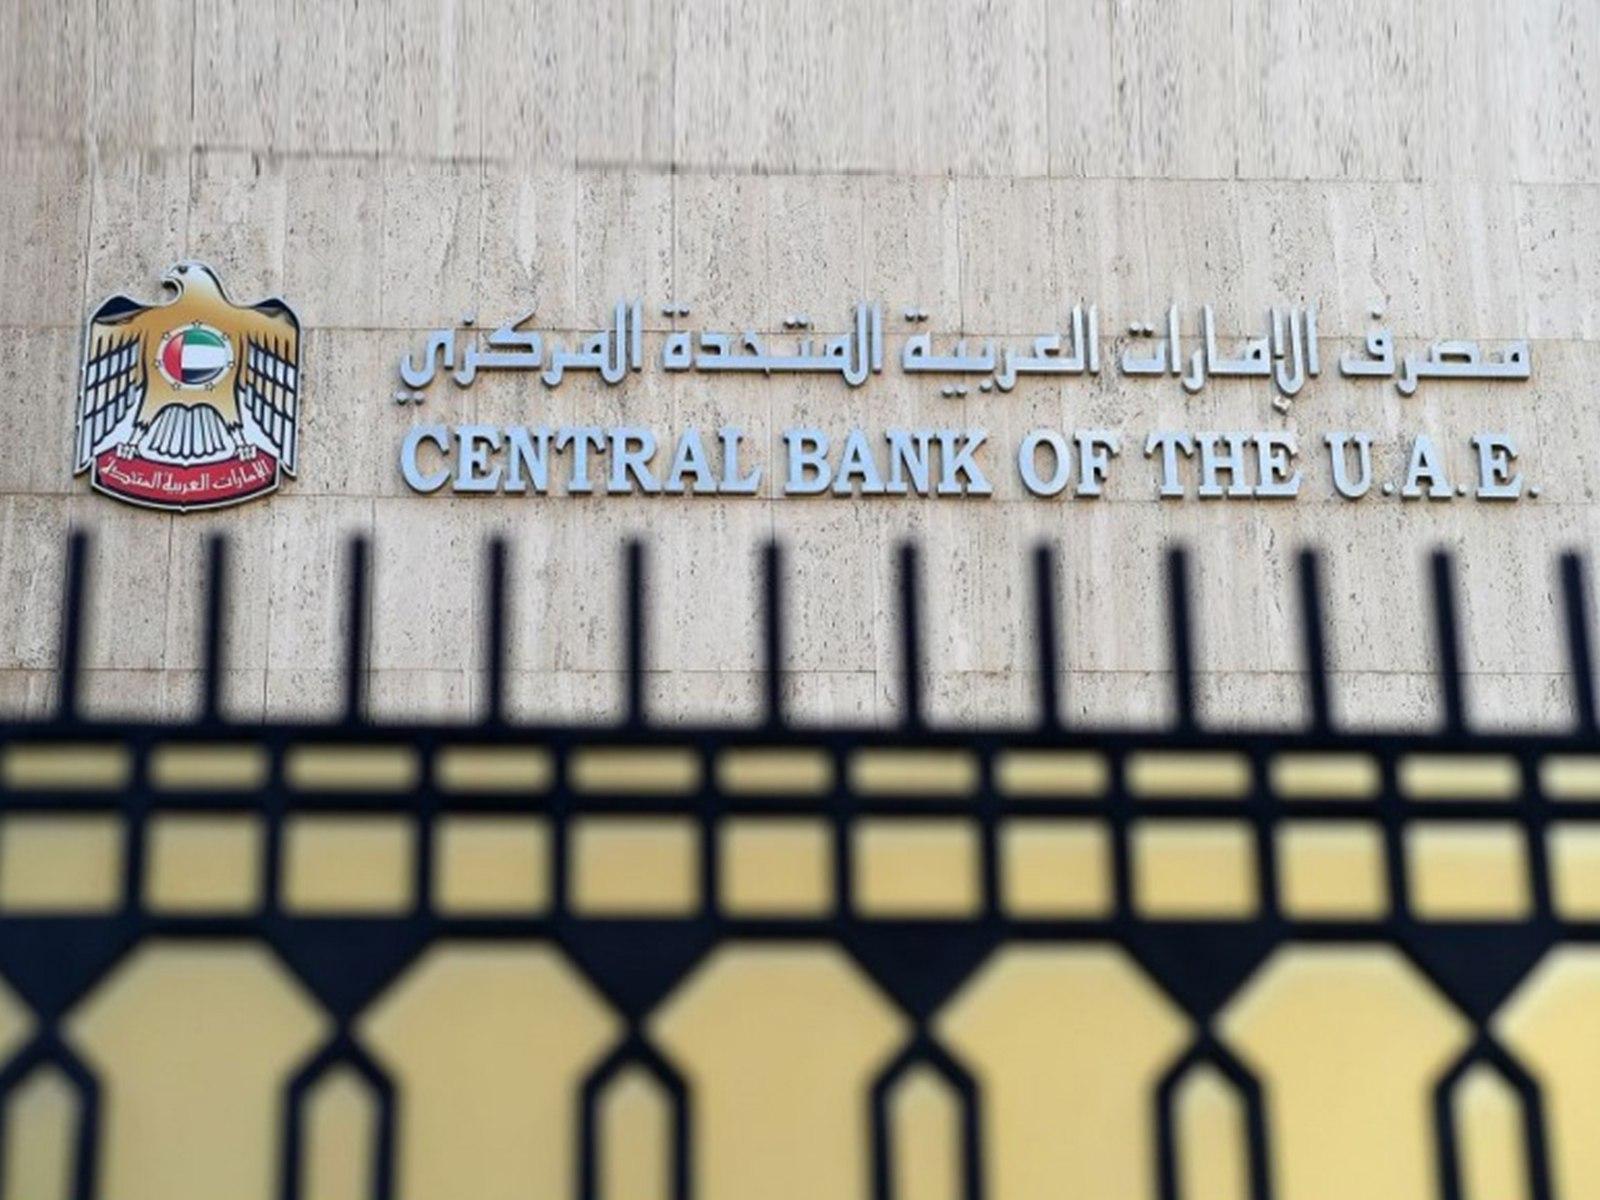 """ارتفاع رصيد """" المركزي"""" من العملات الأجنبية إلى 355.2 مليار درهم في نهاية أغسطس"""